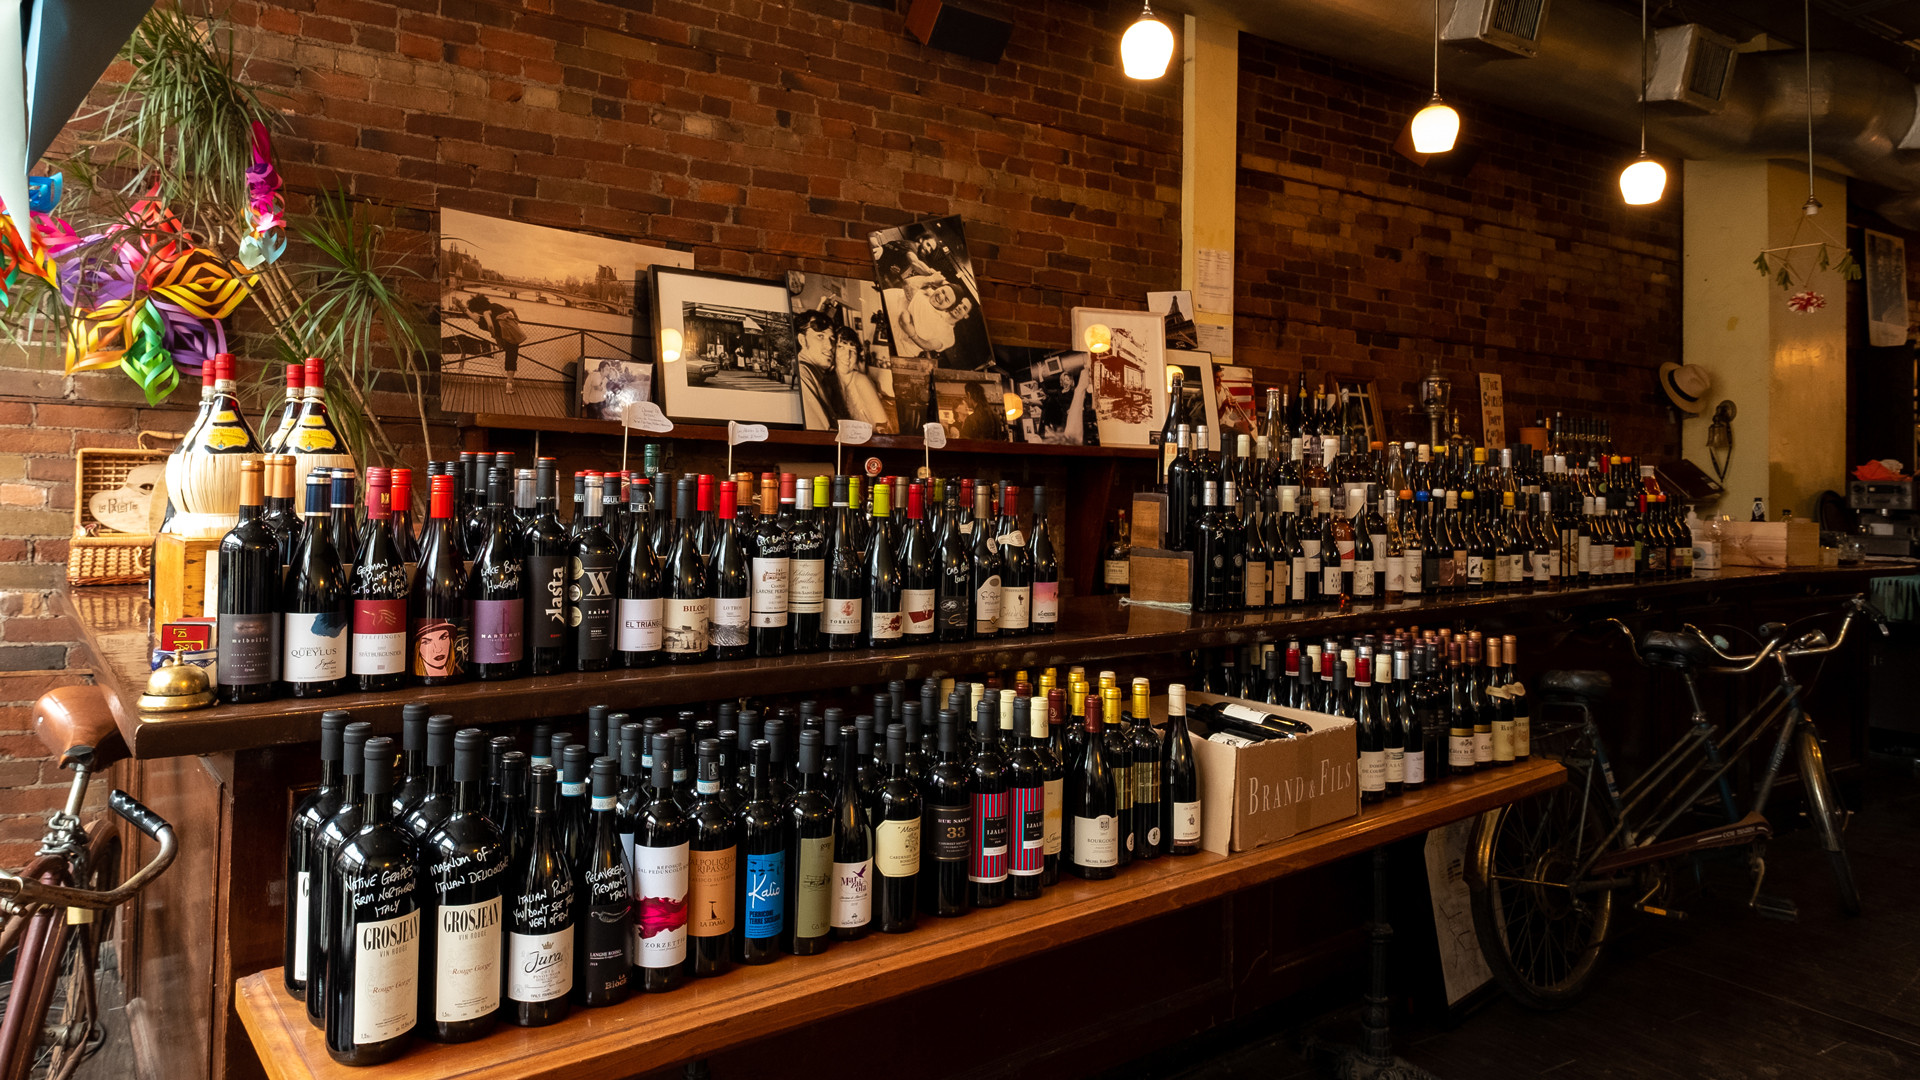 The best bottle shops in Toronto | La Palette has a wide assortment of wine